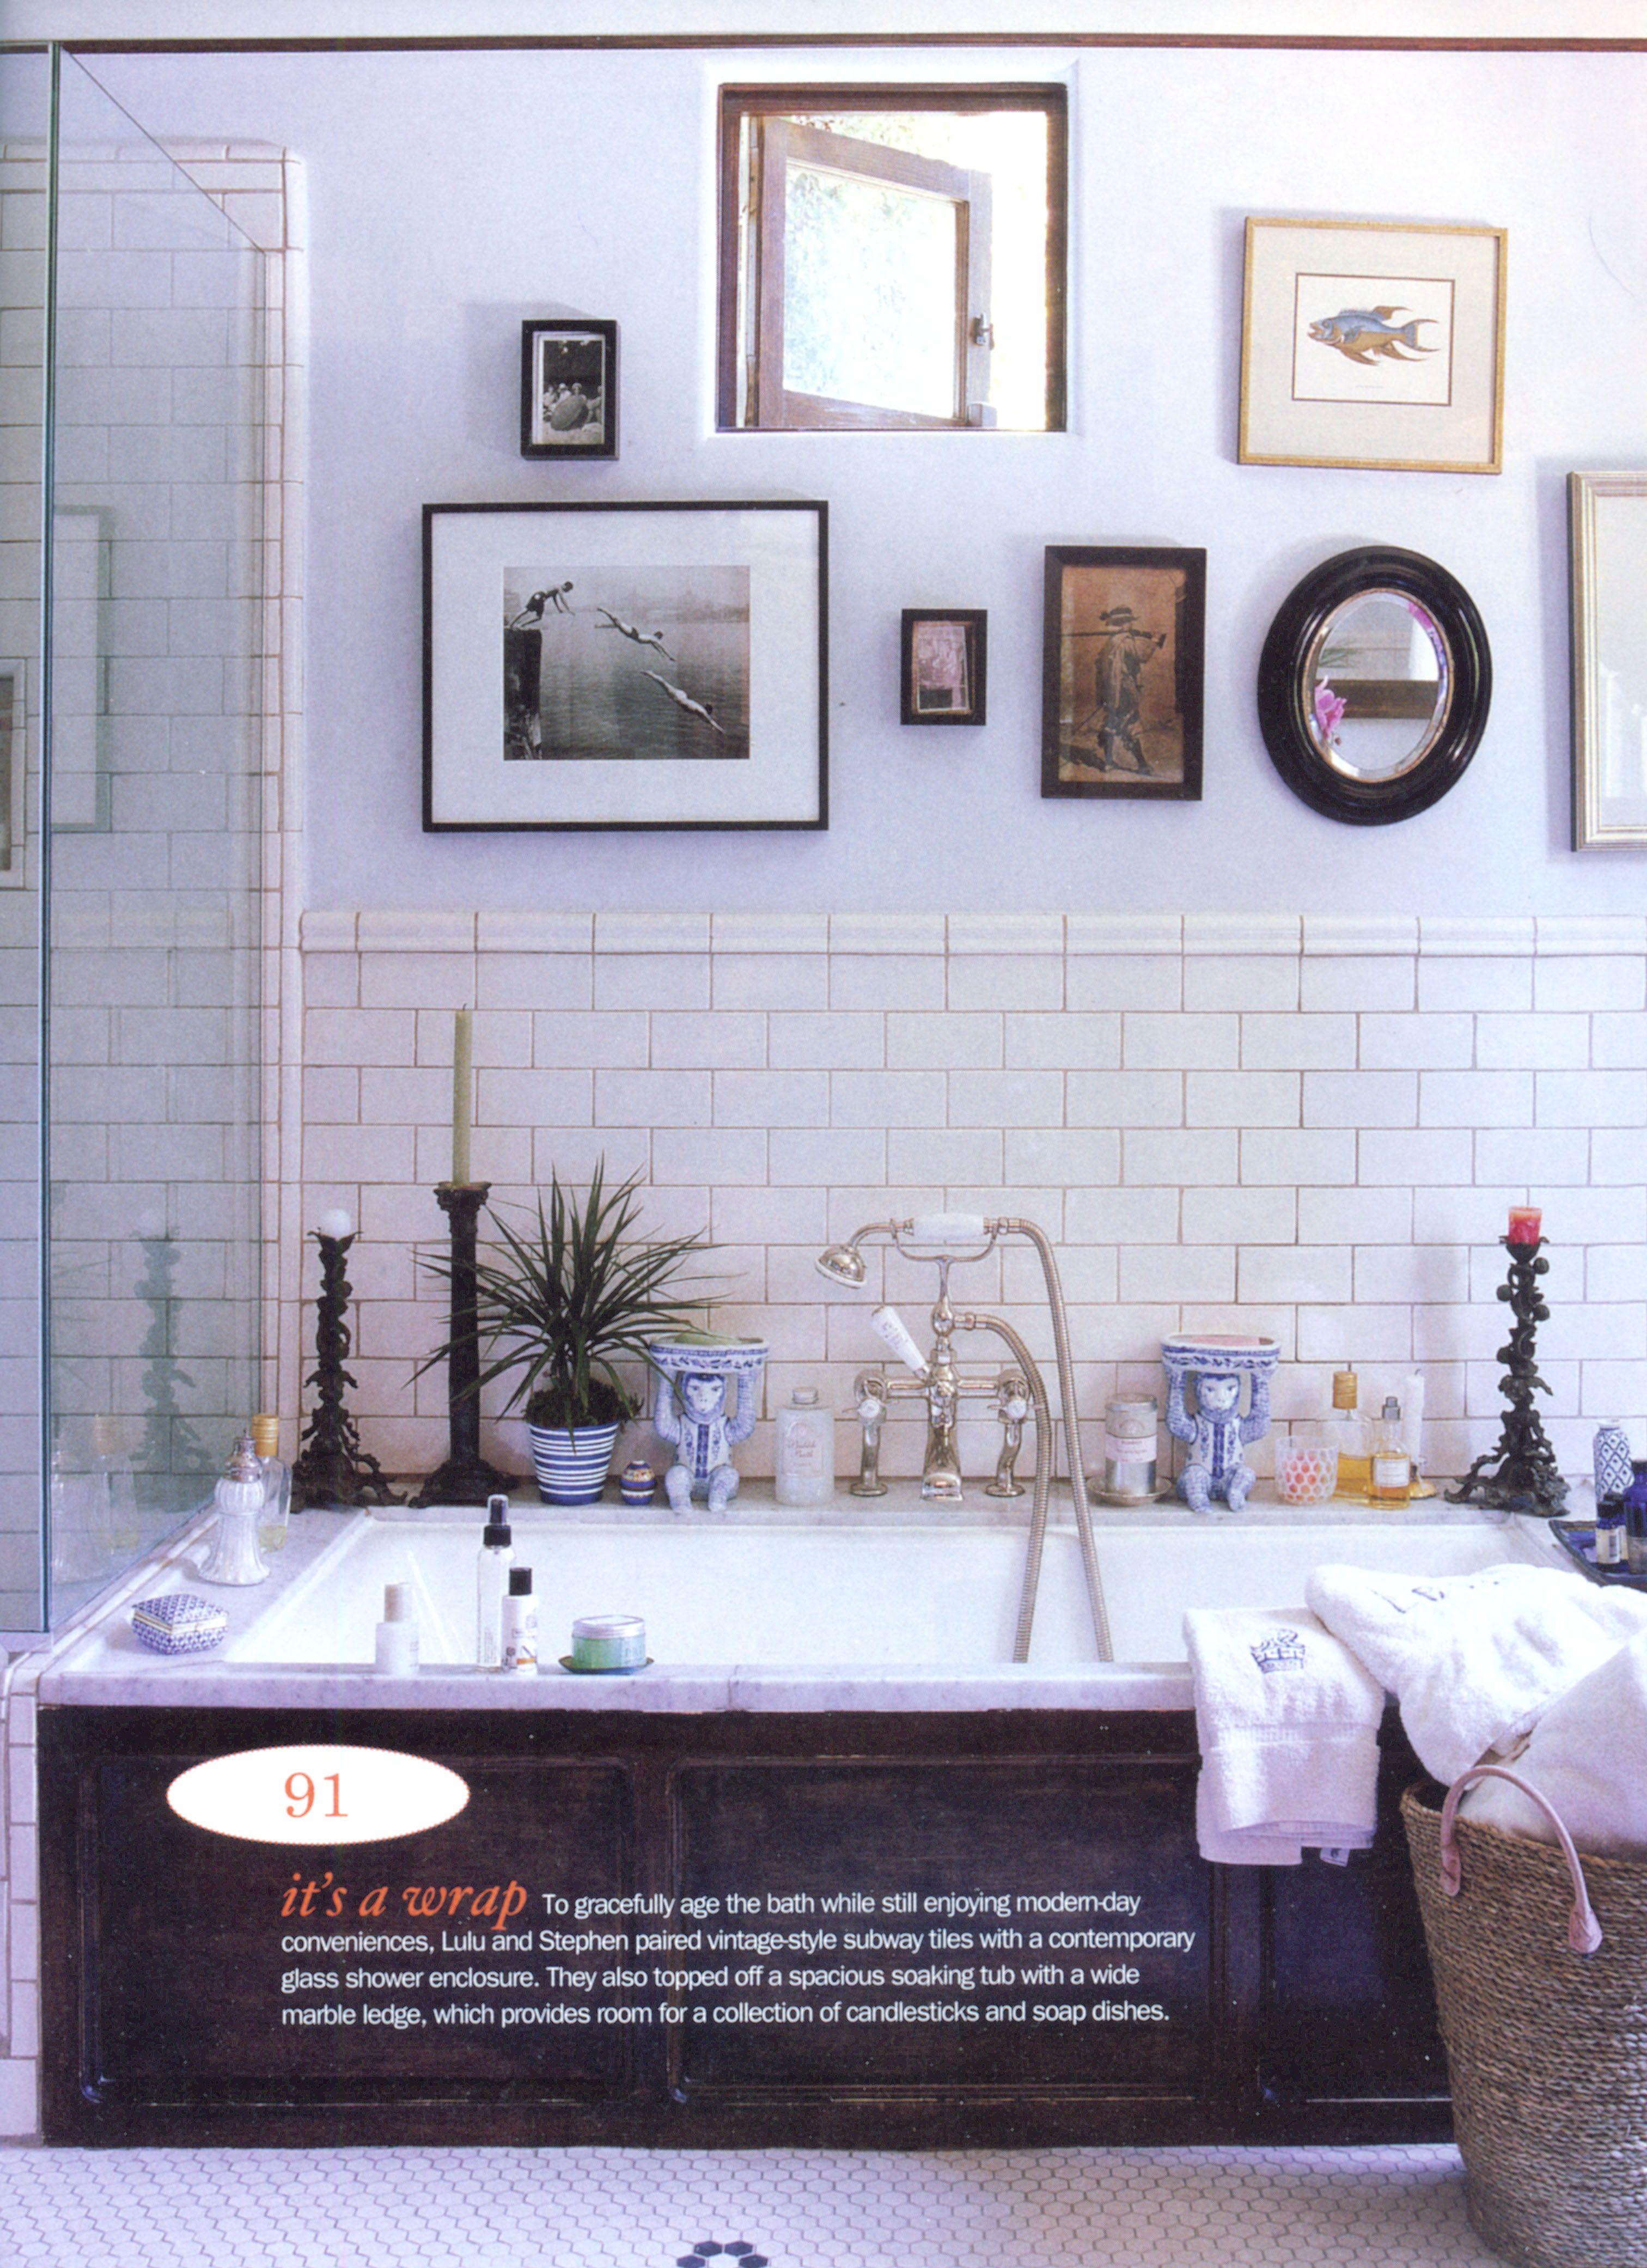 Home And Garden Bathrooms Home Garden Better Homes And Gardens Bathroom Ideas